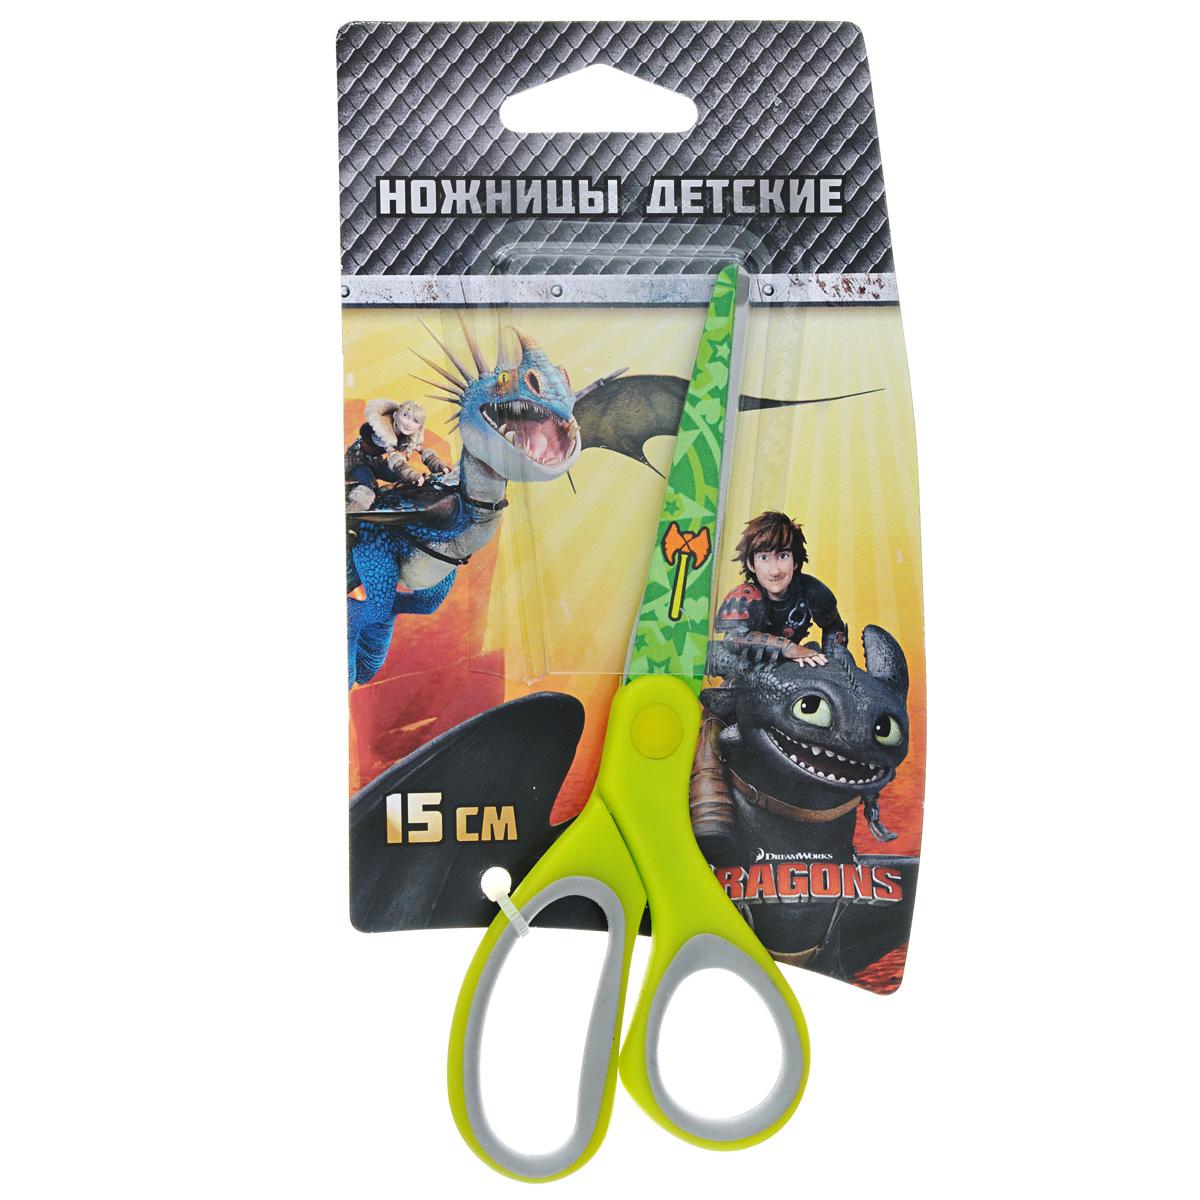 Ножницы детские Action Dragons, цвет: салатовый, 15 смFS-00897Детские ножницы Action Dragons с безопасными закругленными лезвиями изготовлены из высококачественной нержавеющей стали. Лезвия с наружной стороны оформлены декоративным рисунком. Облегченные ручки ножниц адаптированы для детской руки.Вашему ребенку будет настоящим удовольствием делать с ножницами Action Dragons различные аппликации из бумаги или других материалов.